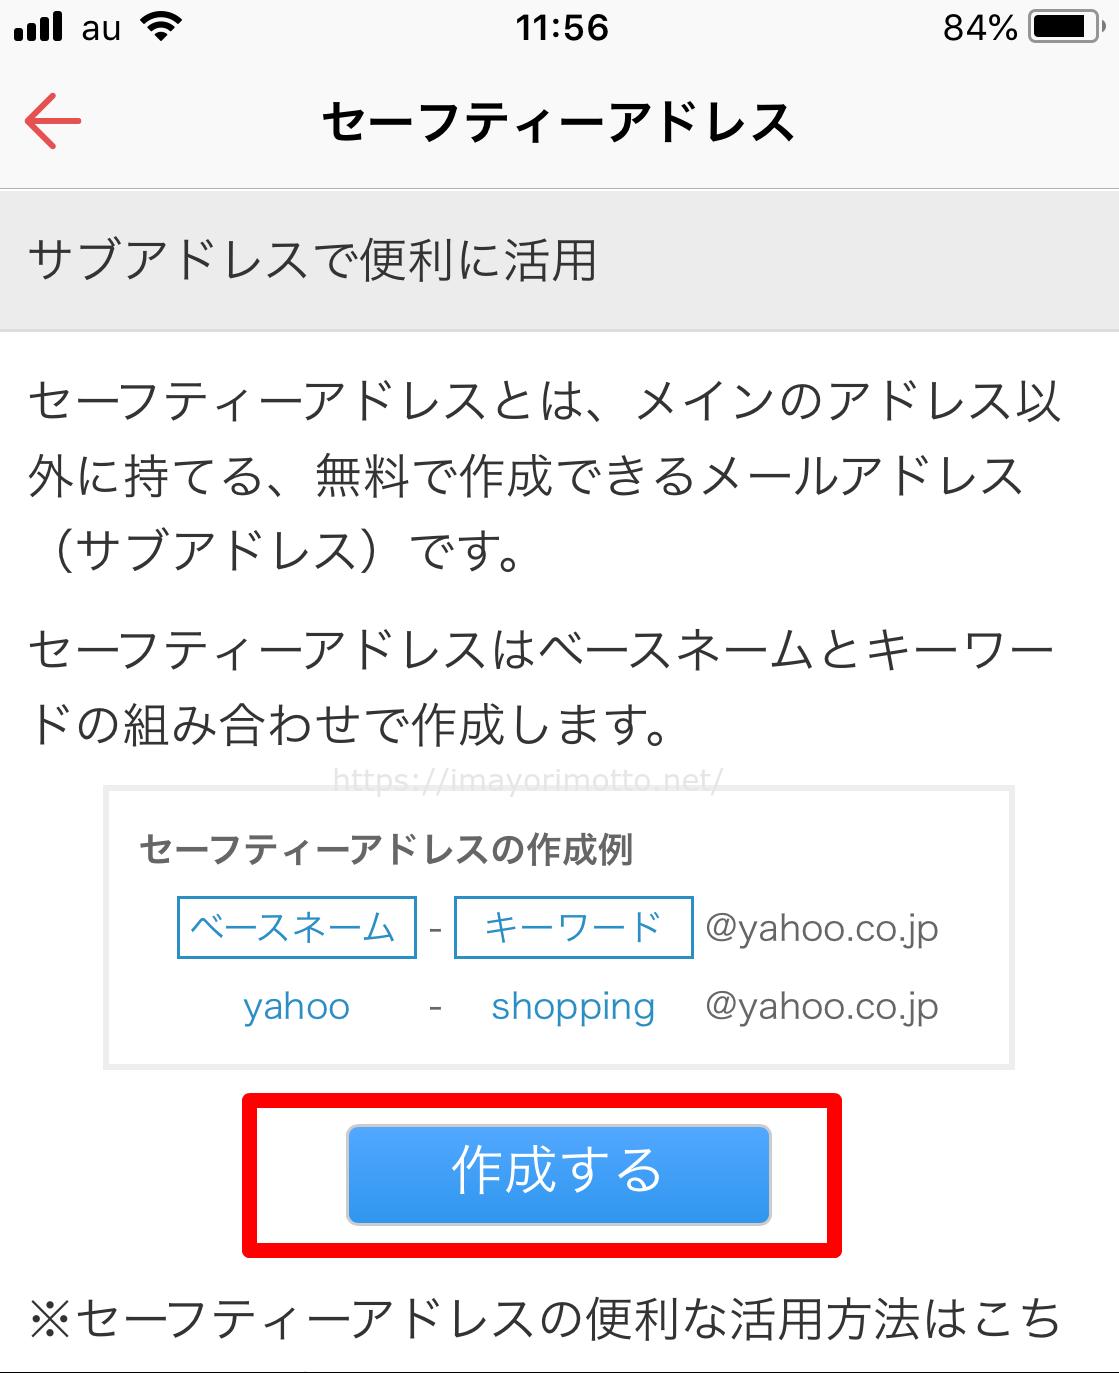 Yahoo!セーフティアドレス作り方スマホアプリ3